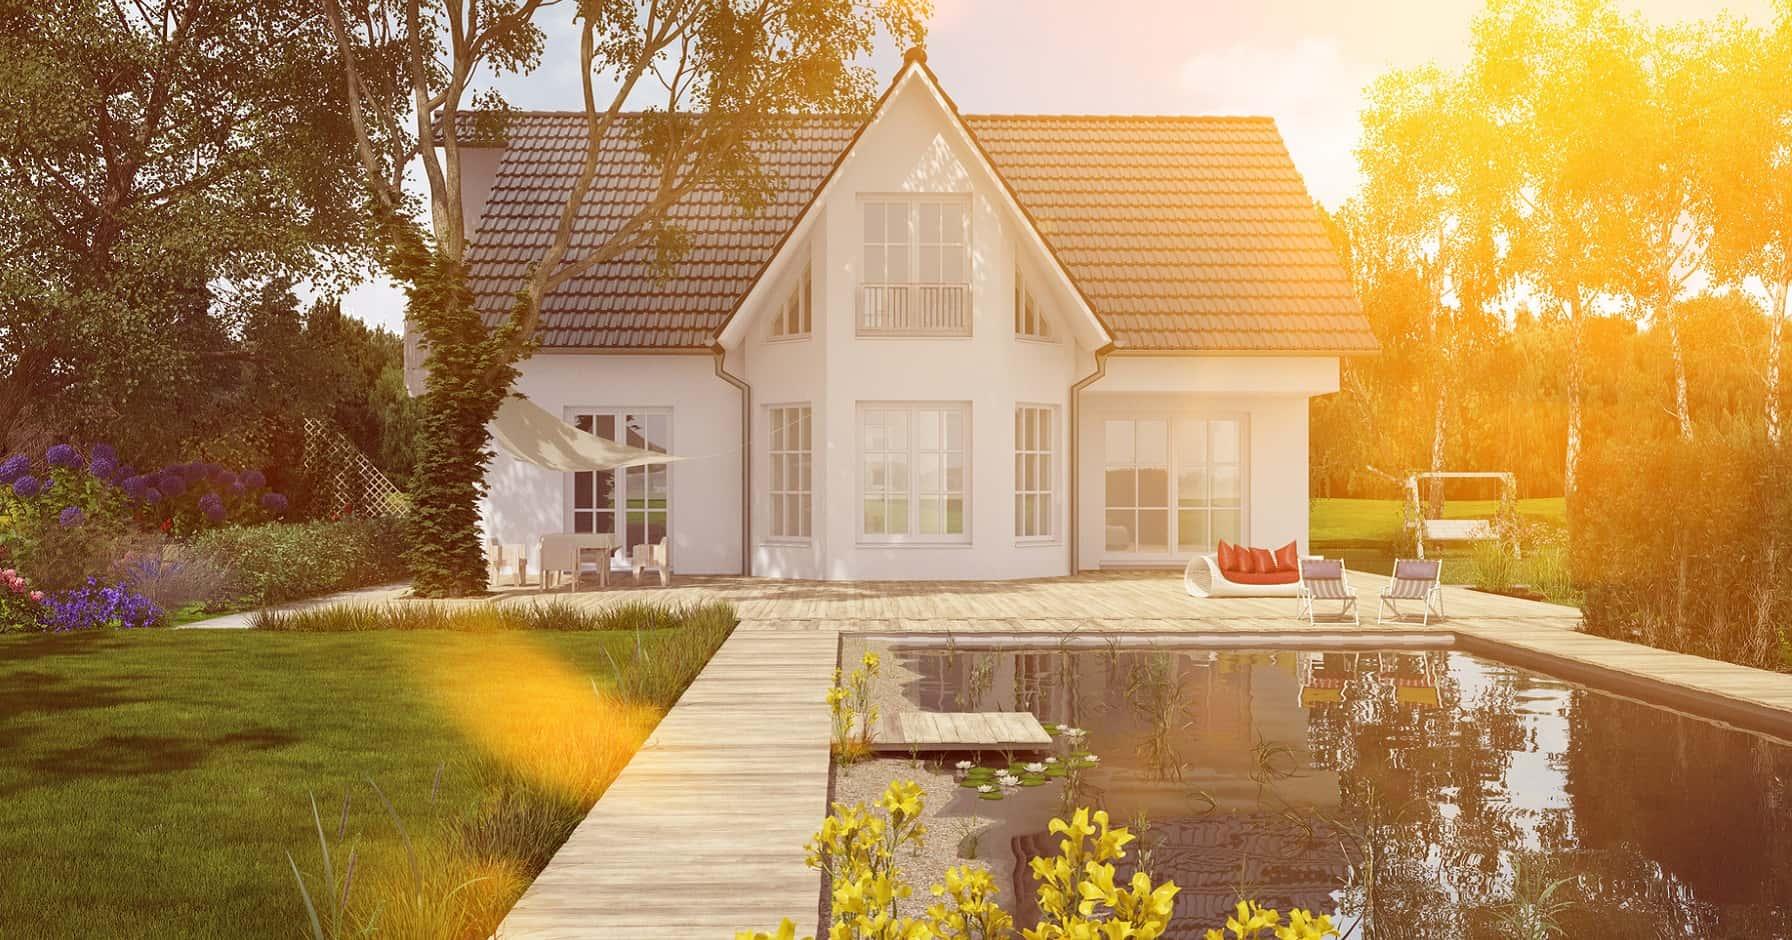 Tipps Zum übertragungsvertrag Für Ein Haus Vermietetde